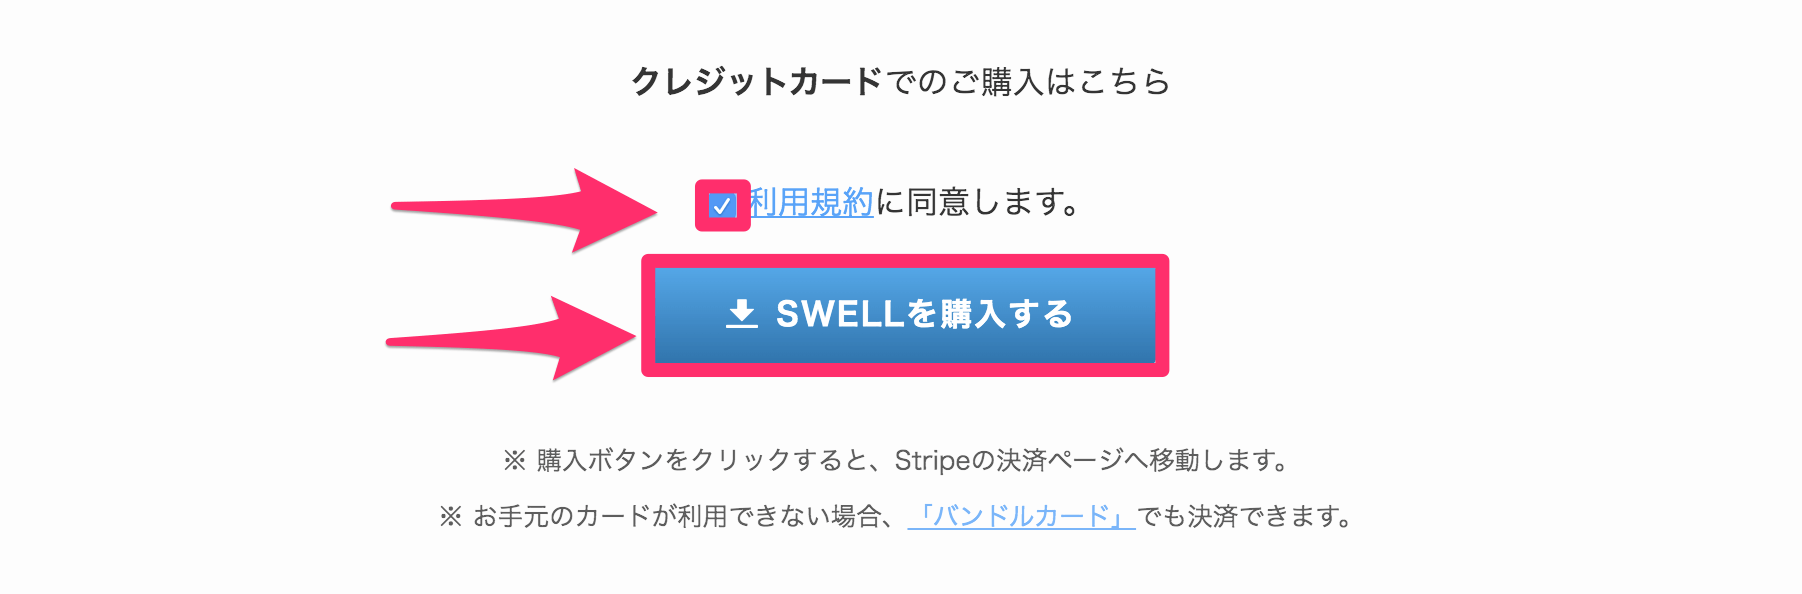 SWELLを購入する